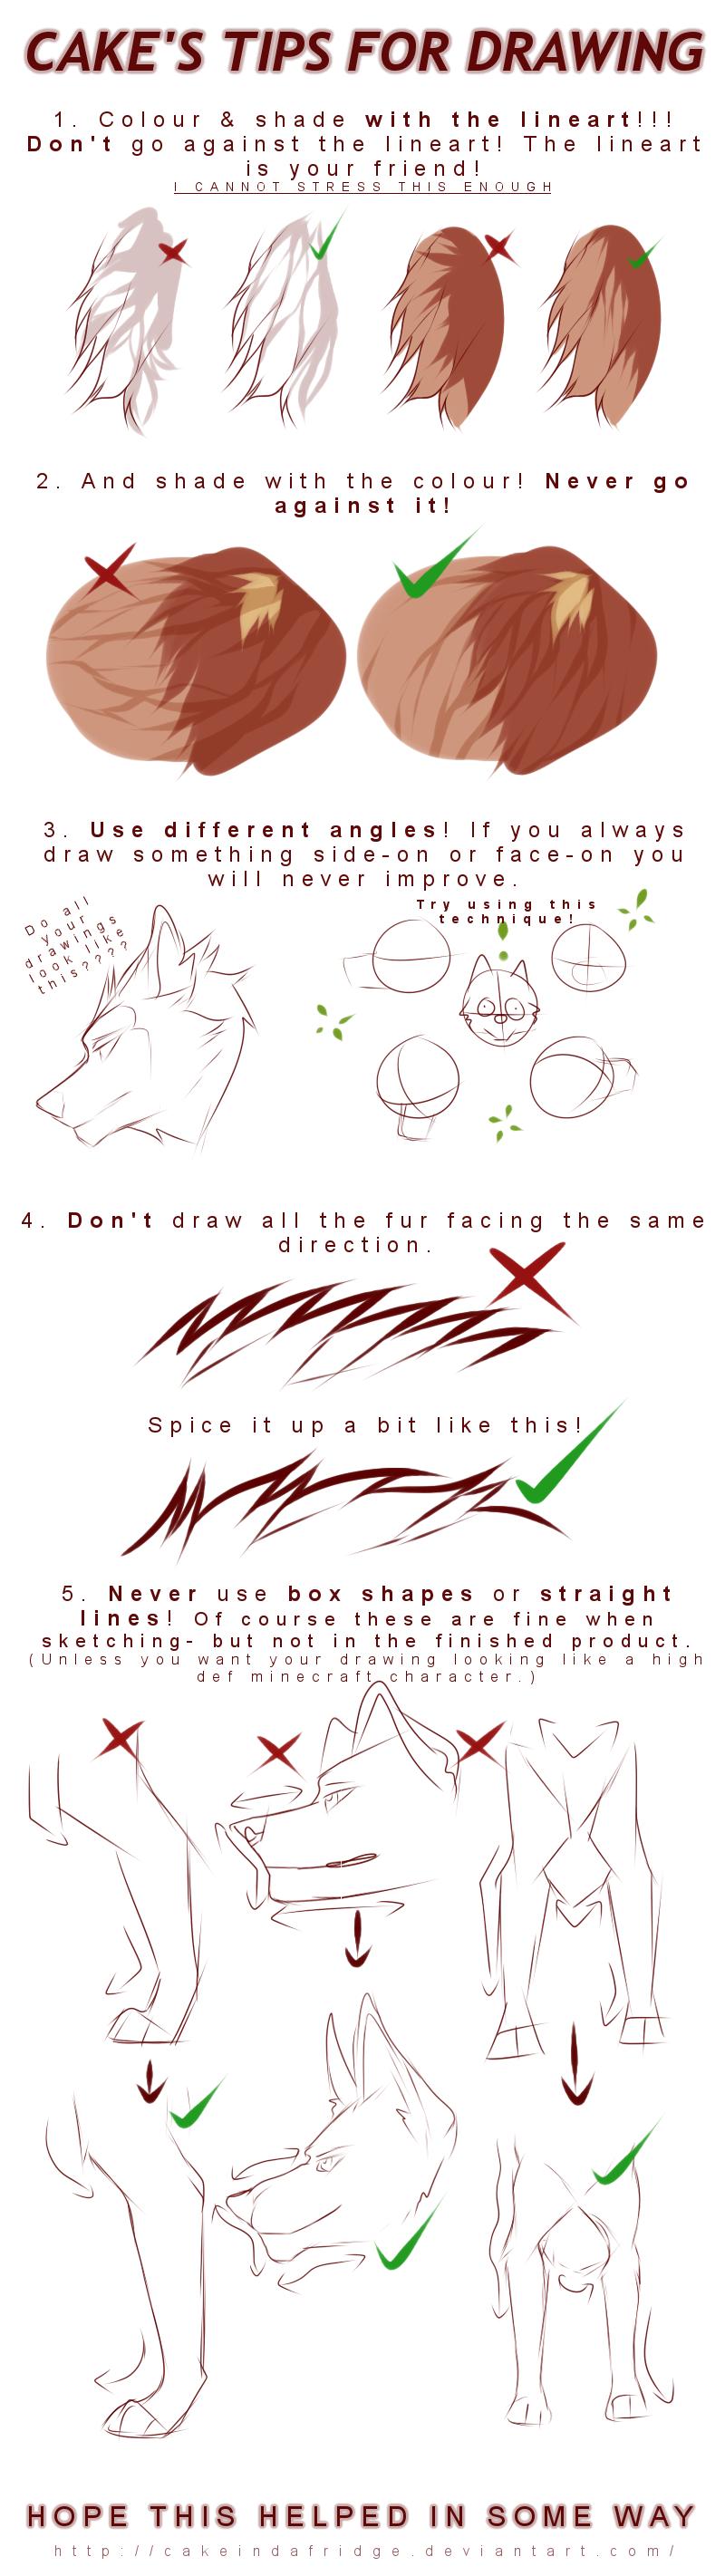 Cake Art Techniques : tutorialCake s tips for drawing by Cakeindafridge on ...